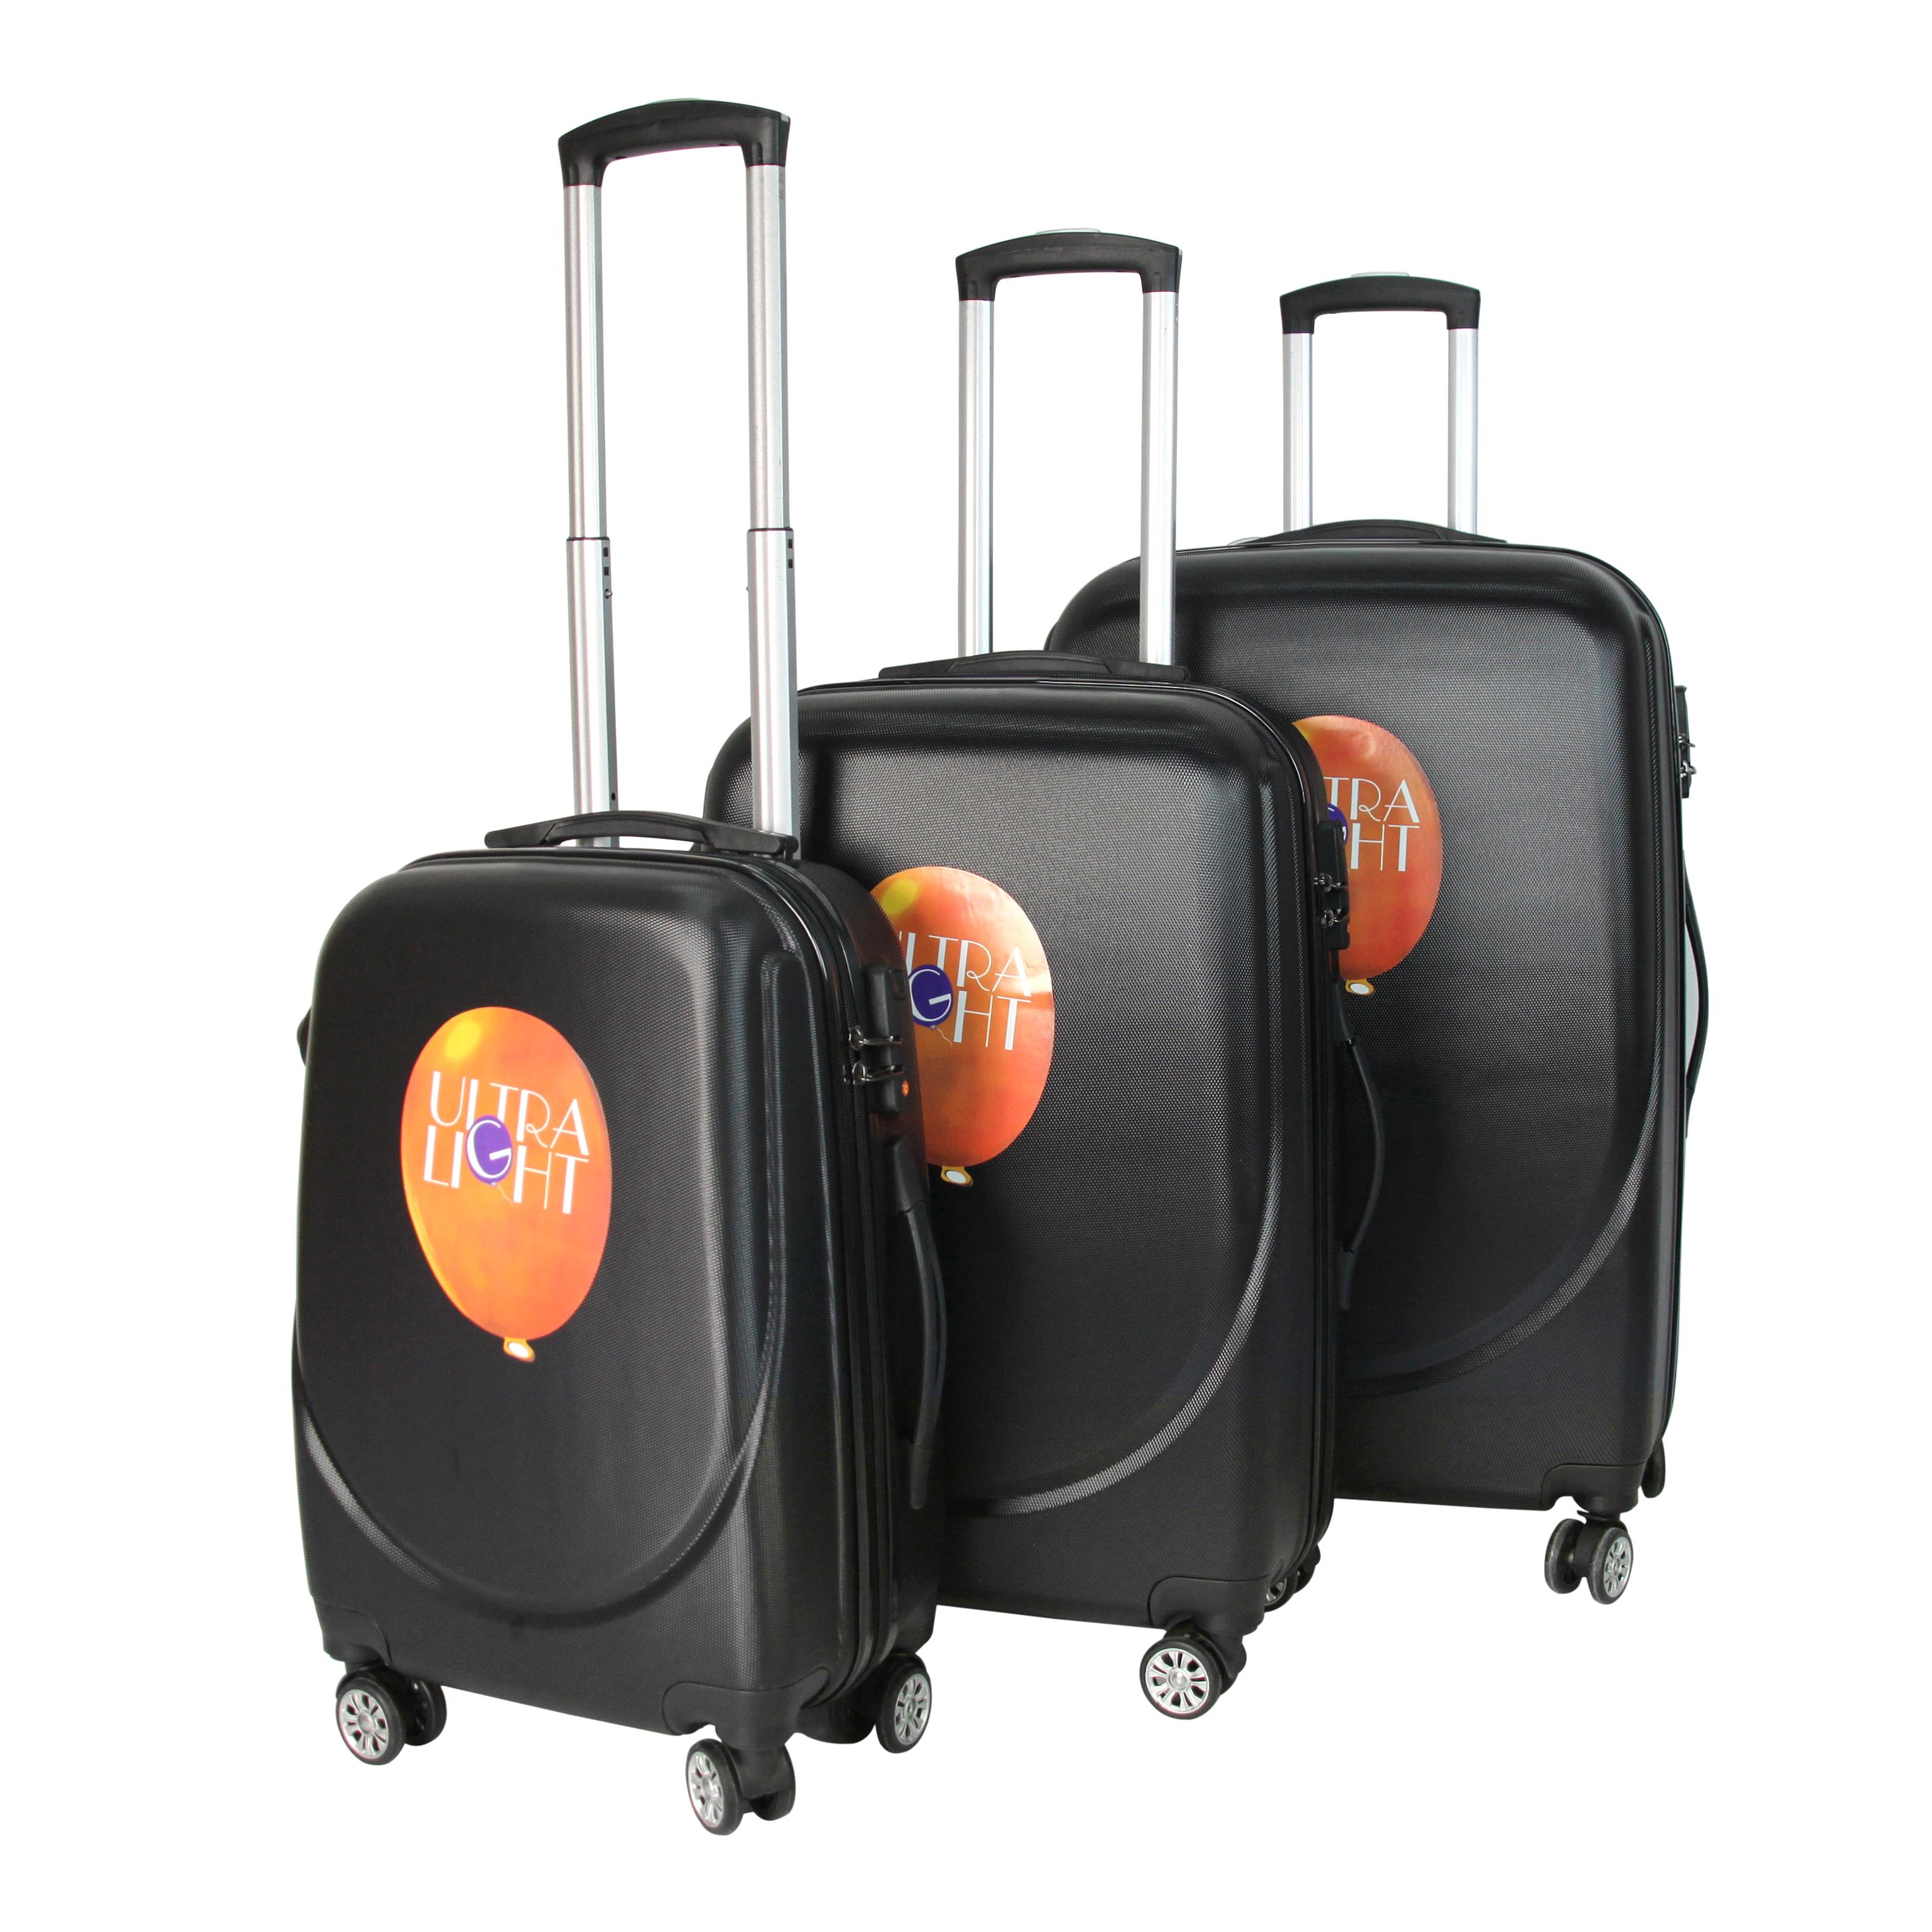 Водонепроницаемый комплект из 3 предметов, легкий чемодан-Спиннер